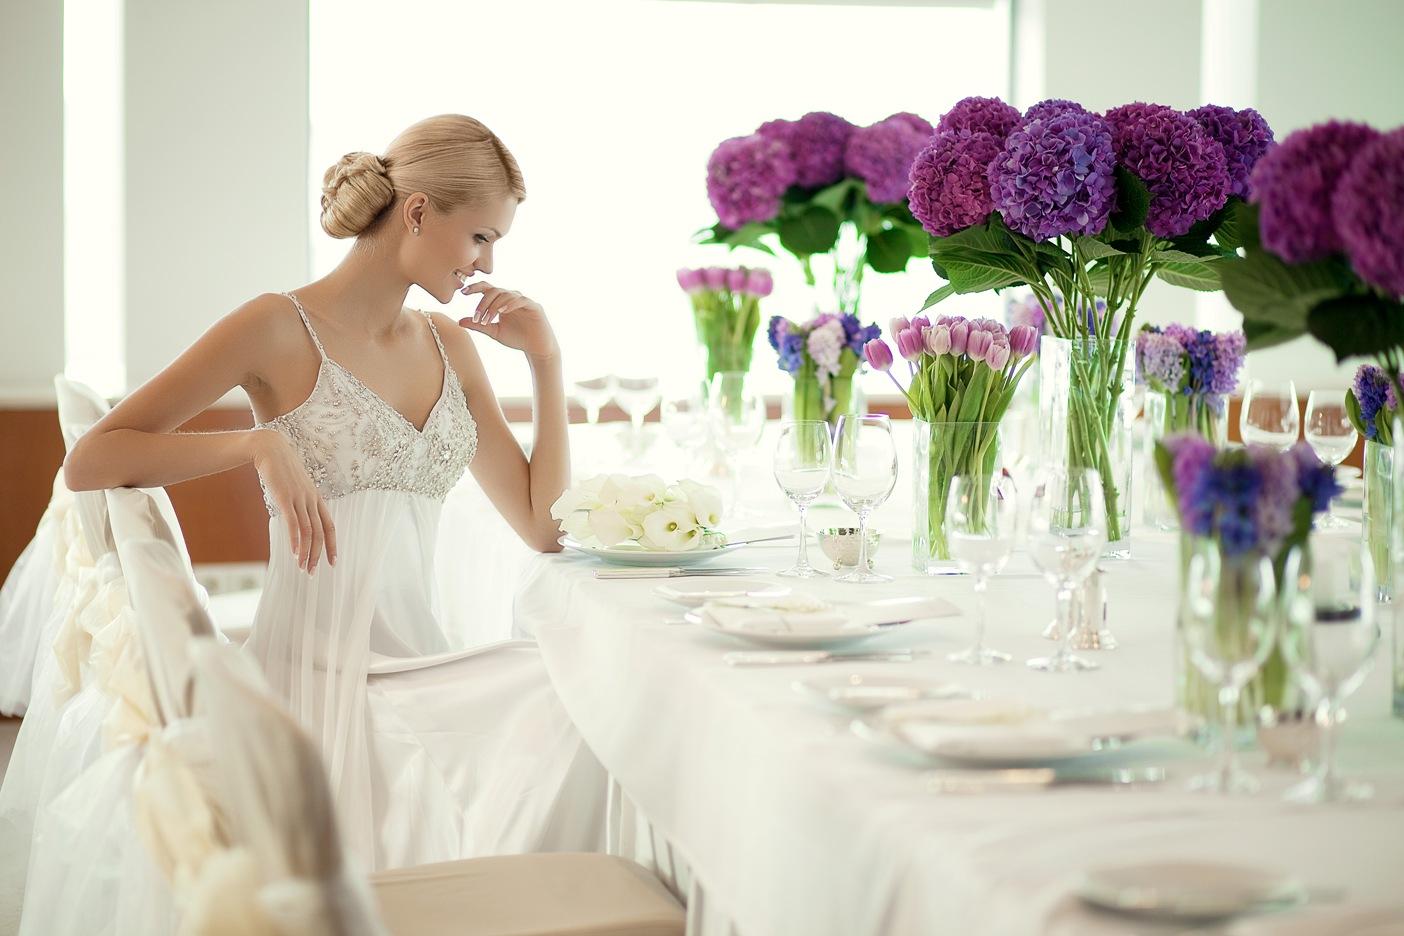 Подготовка к свадьбе список дел и покупок